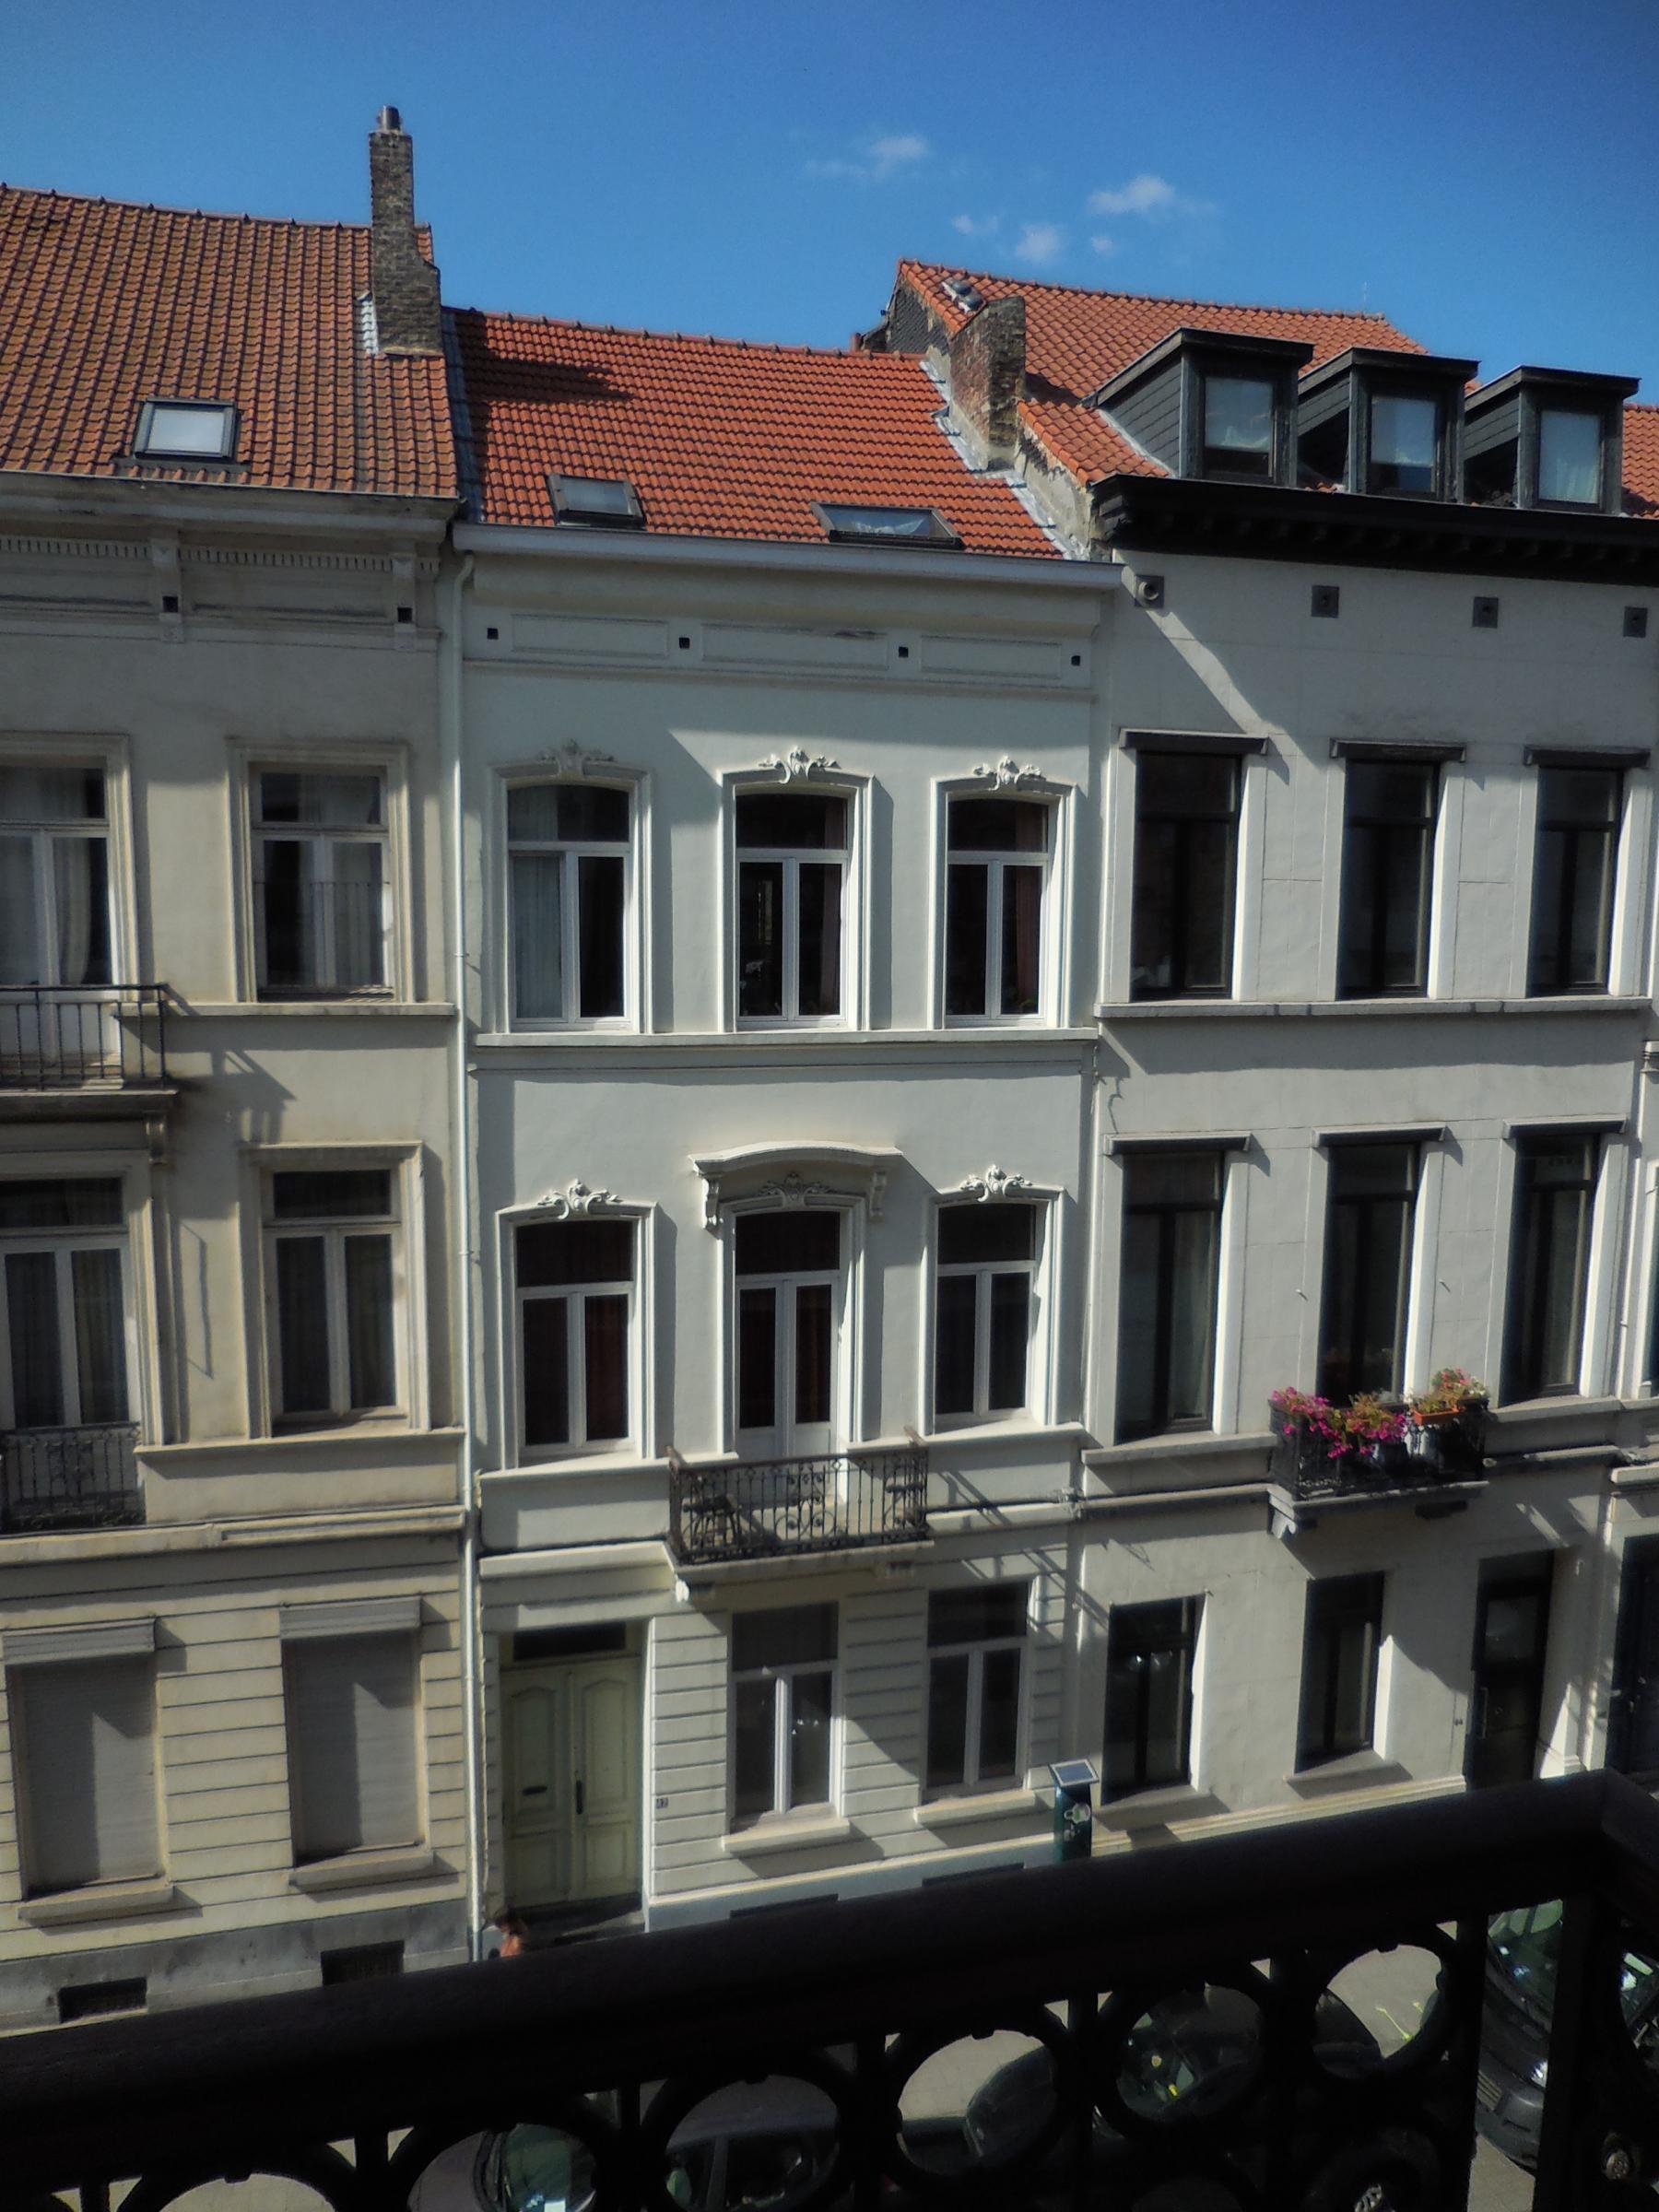 Rent office space Rue des Deux Eglises 37-39 37-39, Brussel (17)